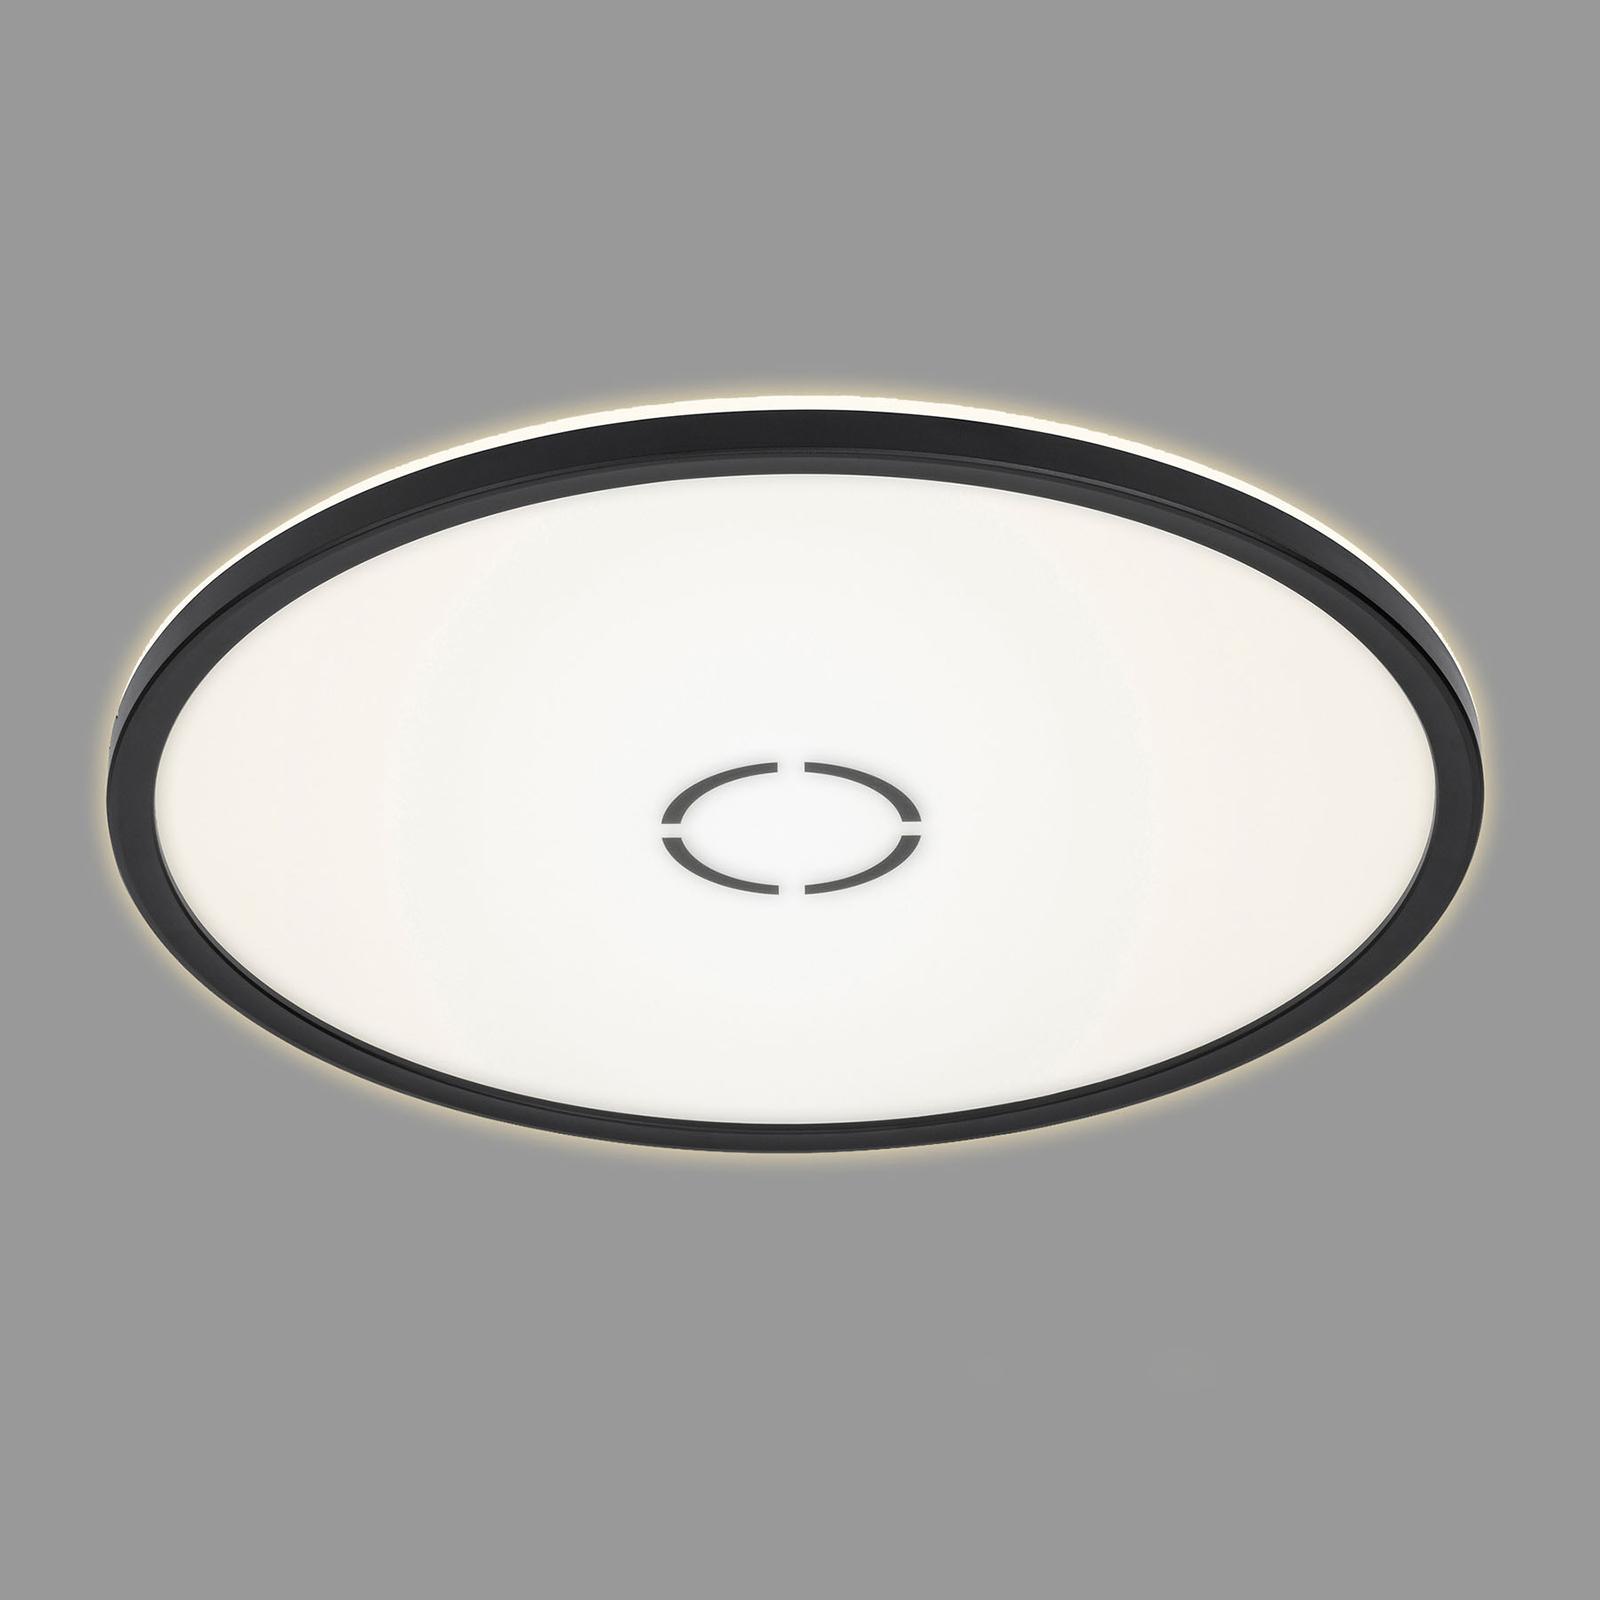 LED-Deckenleuchte Free, Ø 42 cm, schwarz